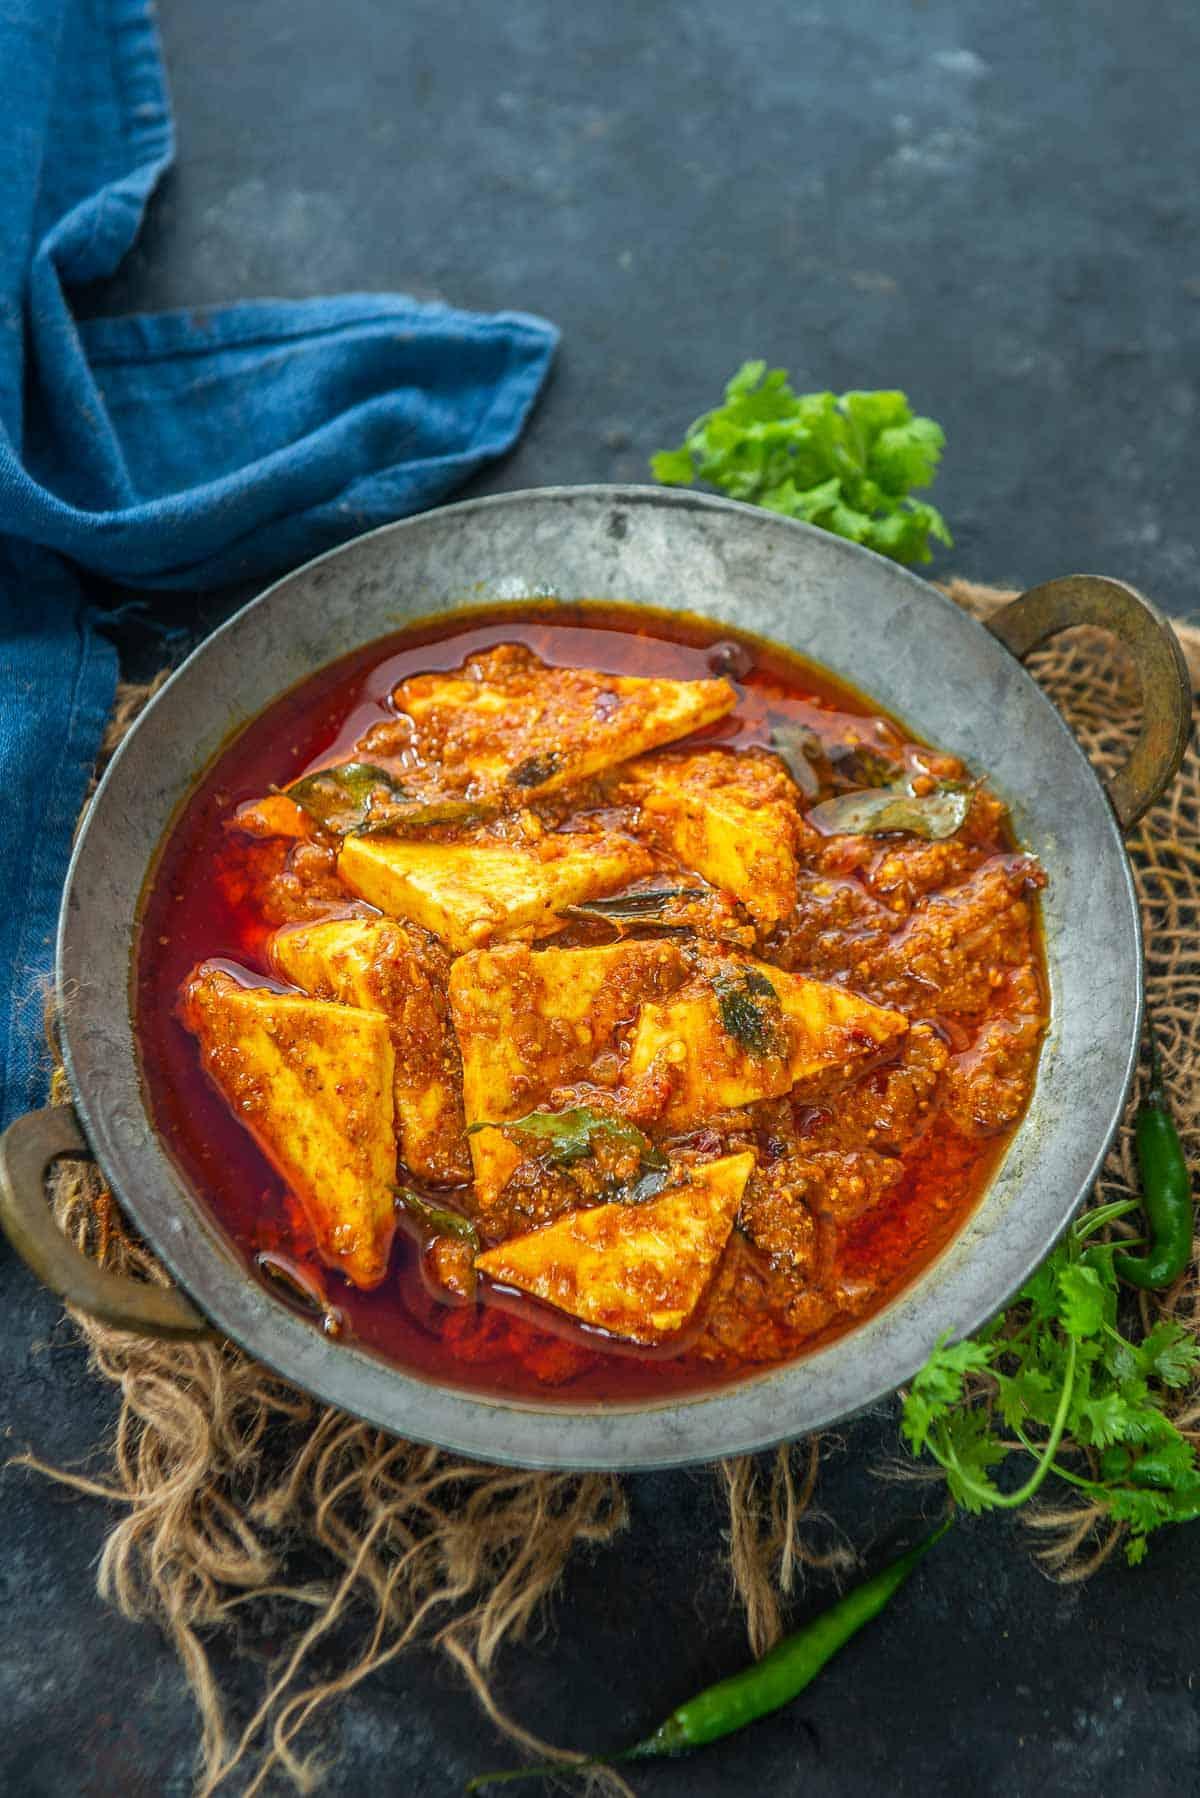 Paneer ghee roast served in a bowl.